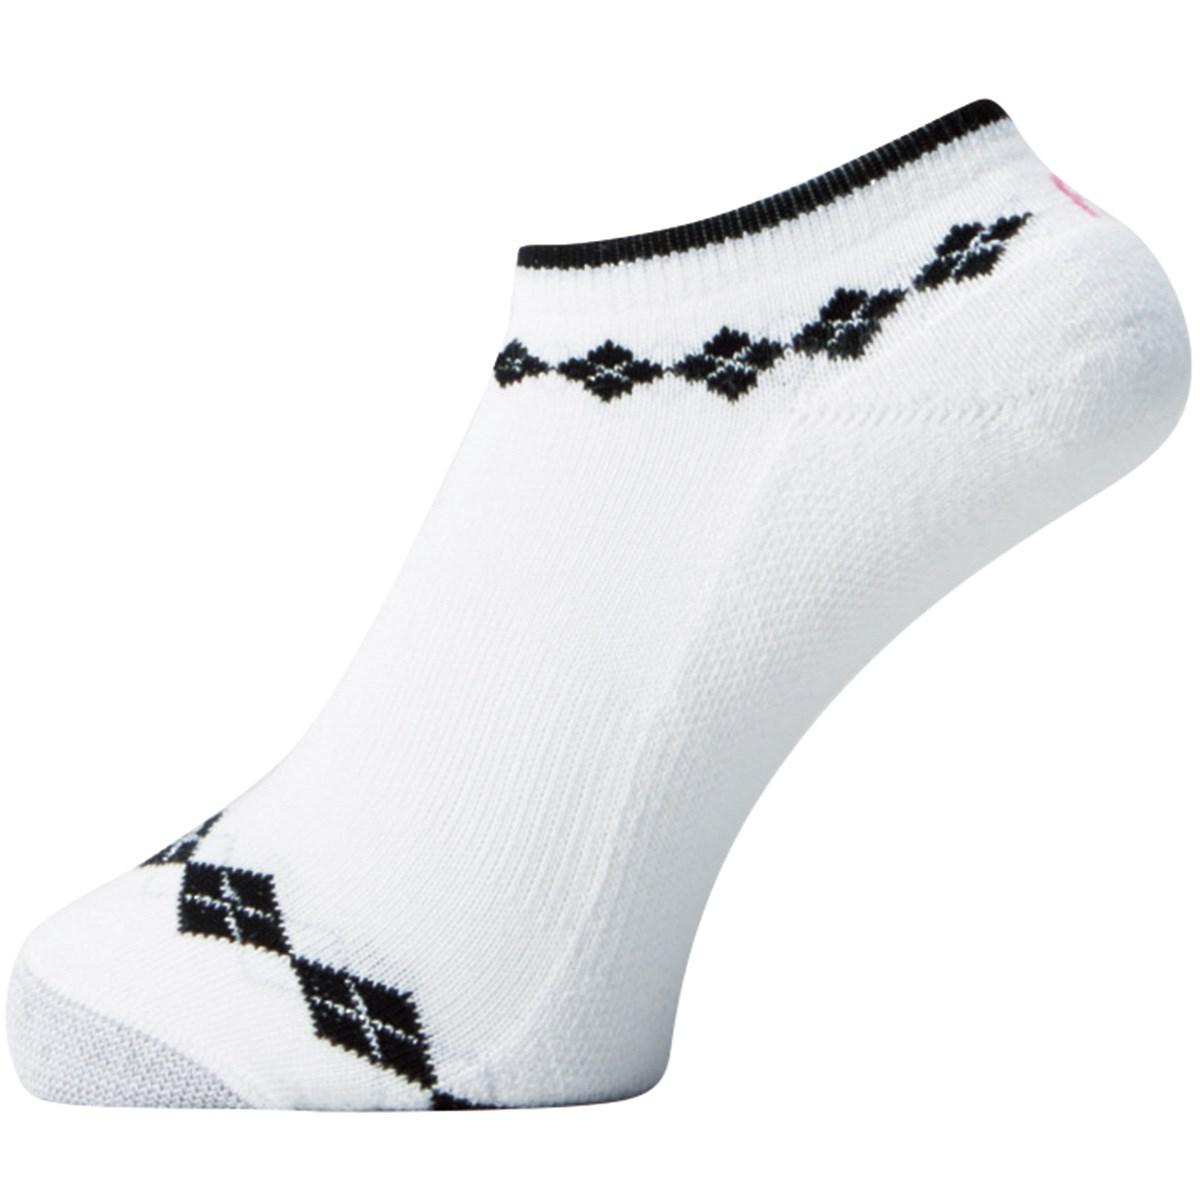 フットジョイ Foot Joy 17 プロドライ ショートソックス フリー ホワイト/ブラック レディス